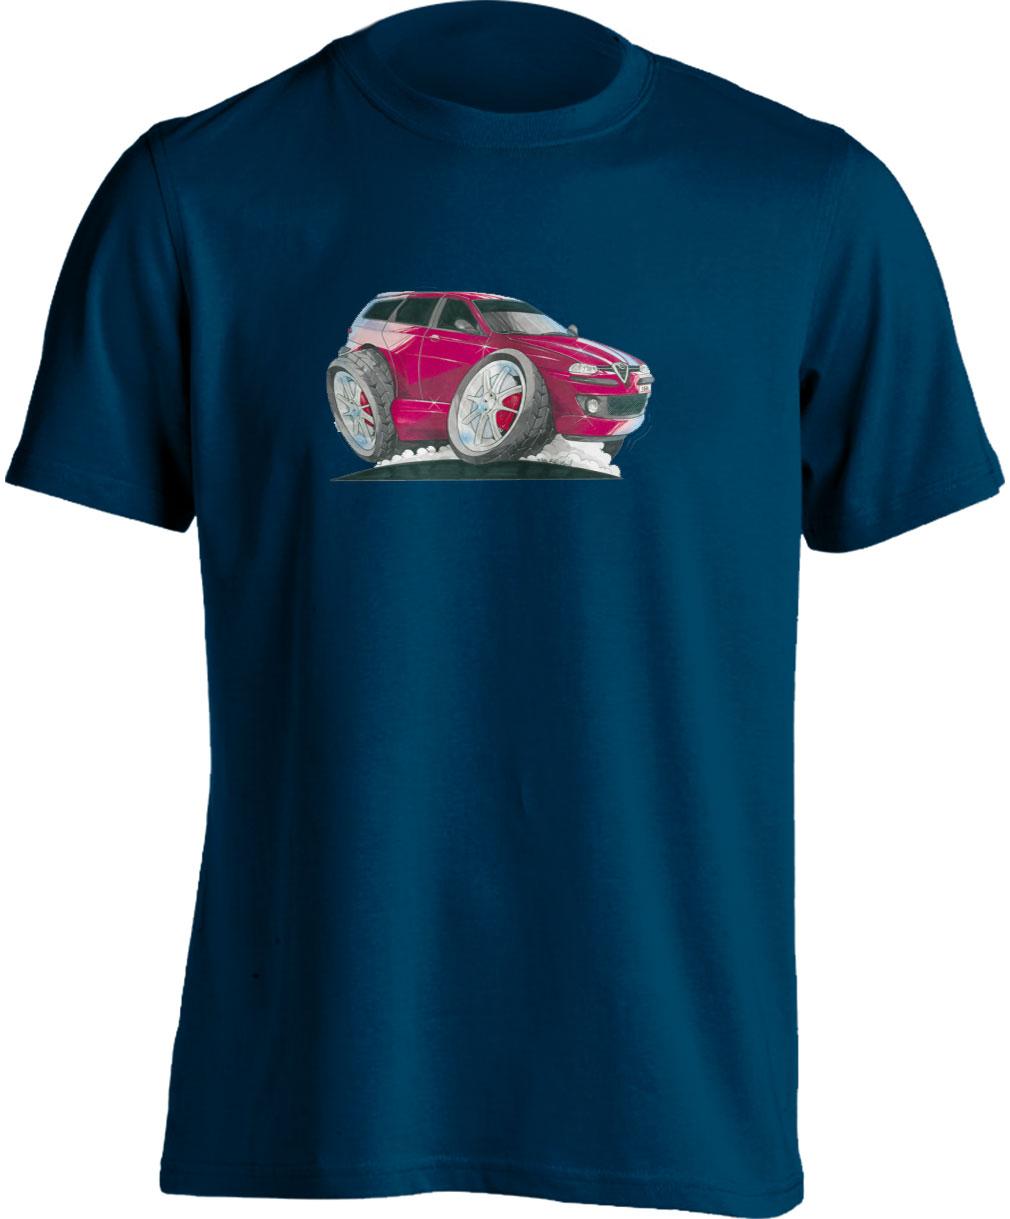 Koolart 156-1379Estate Red Alfa Romeo Child's T Shirt